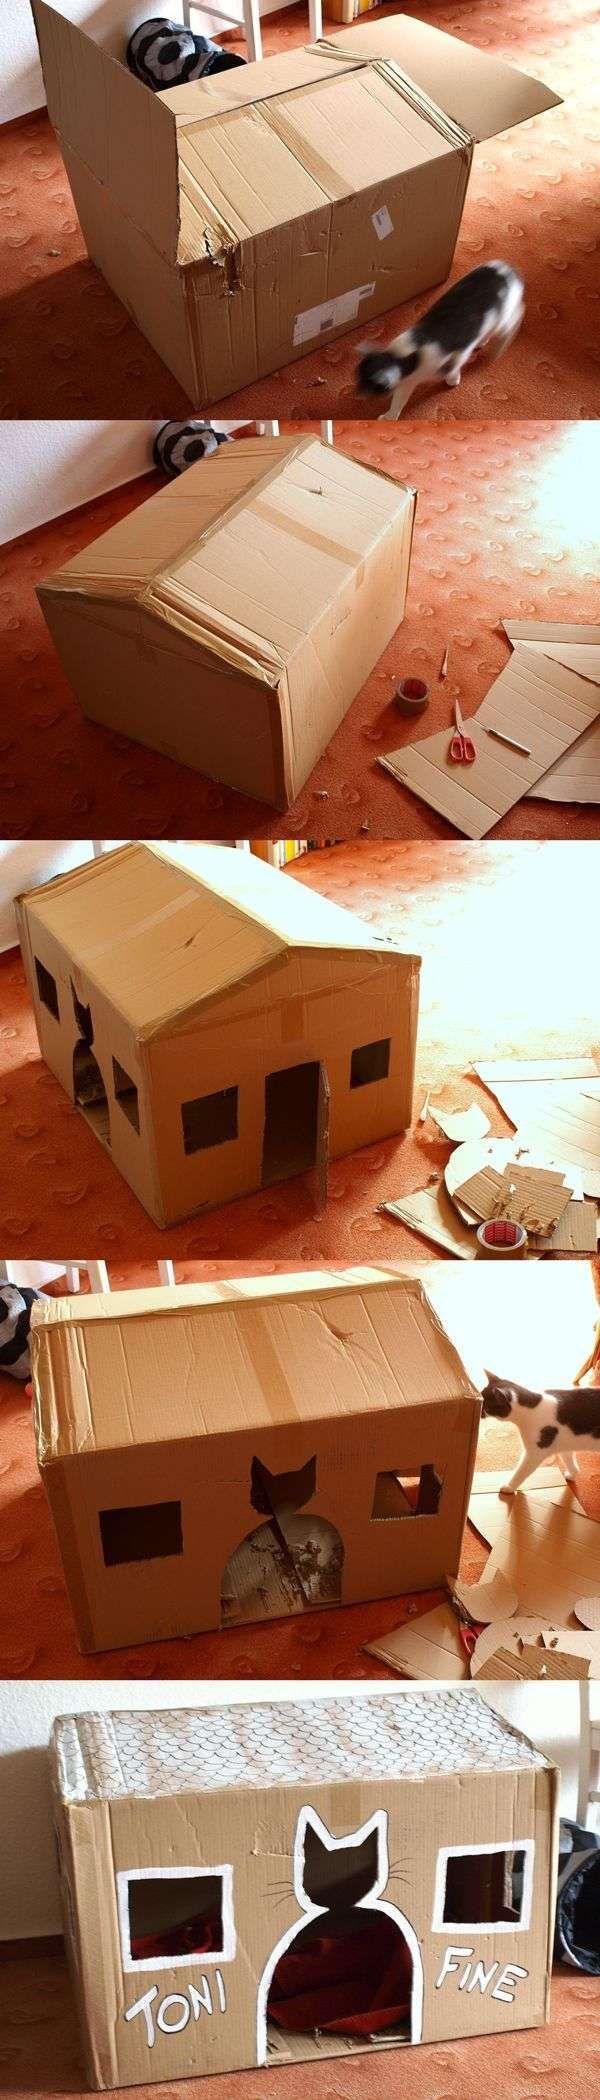 27 supers id es bricolage pour chats et chiens maison pour chat id e bricolage et carton. Black Bedroom Furniture Sets. Home Design Ideas